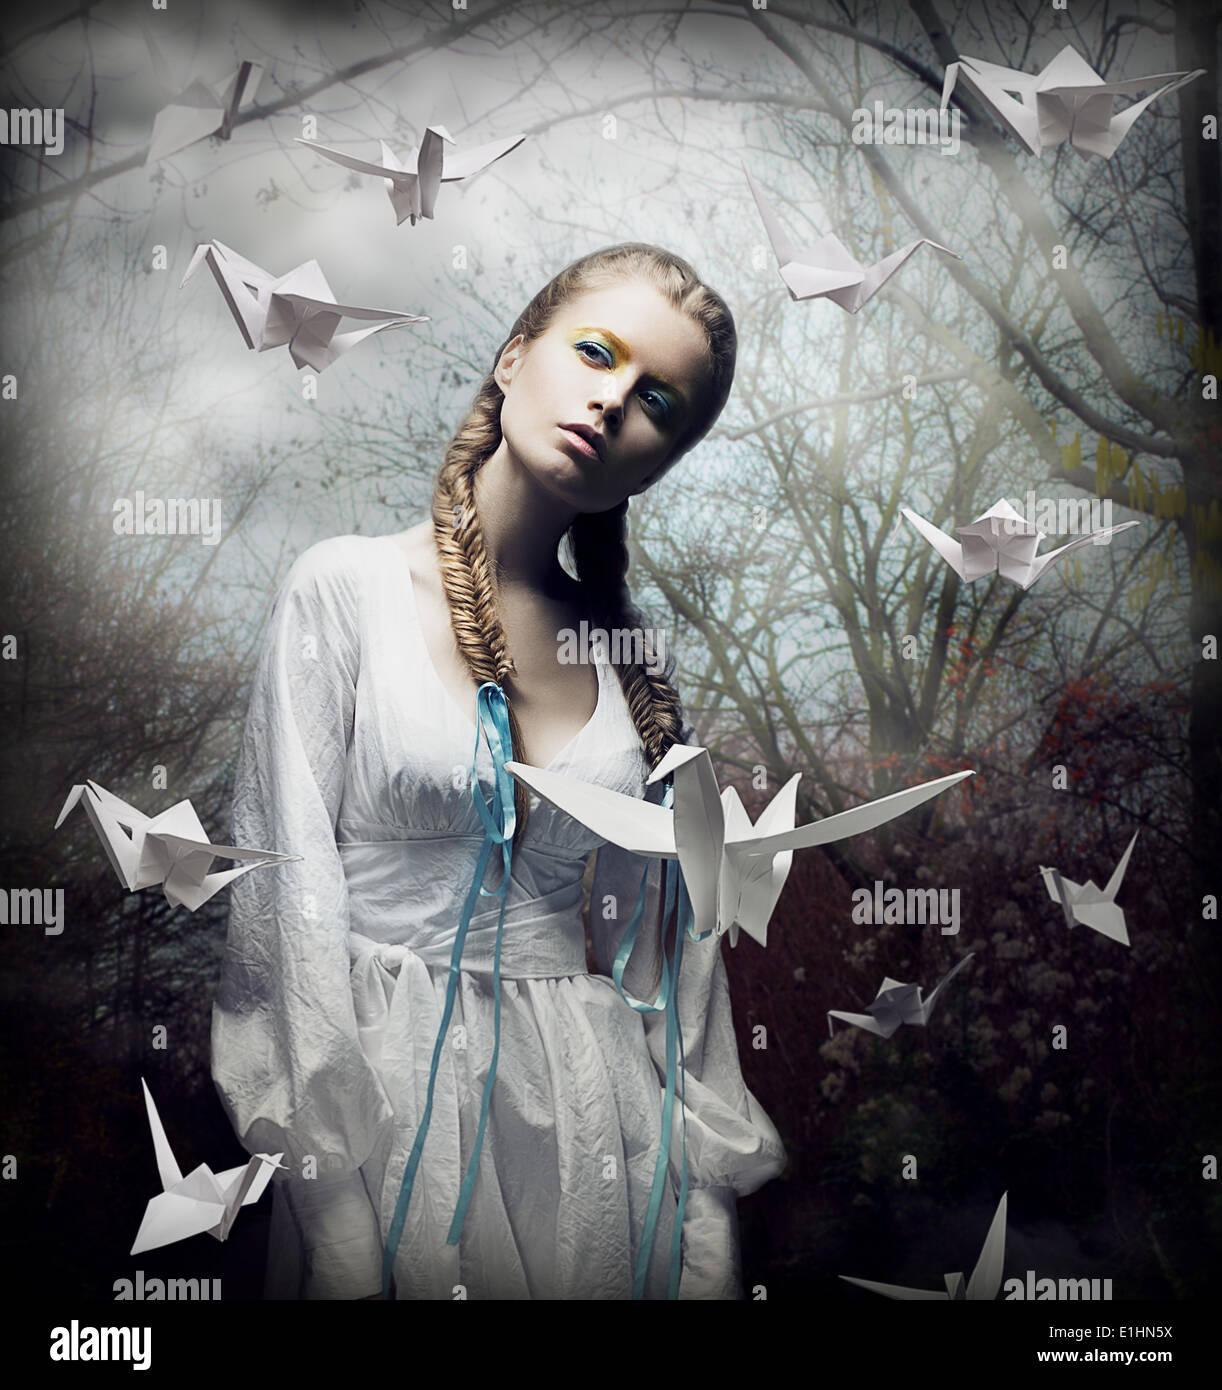 La imaginación. Romántica con rubia flotando Origami Aves en Spooky Forest. Magic Imagen De Stock